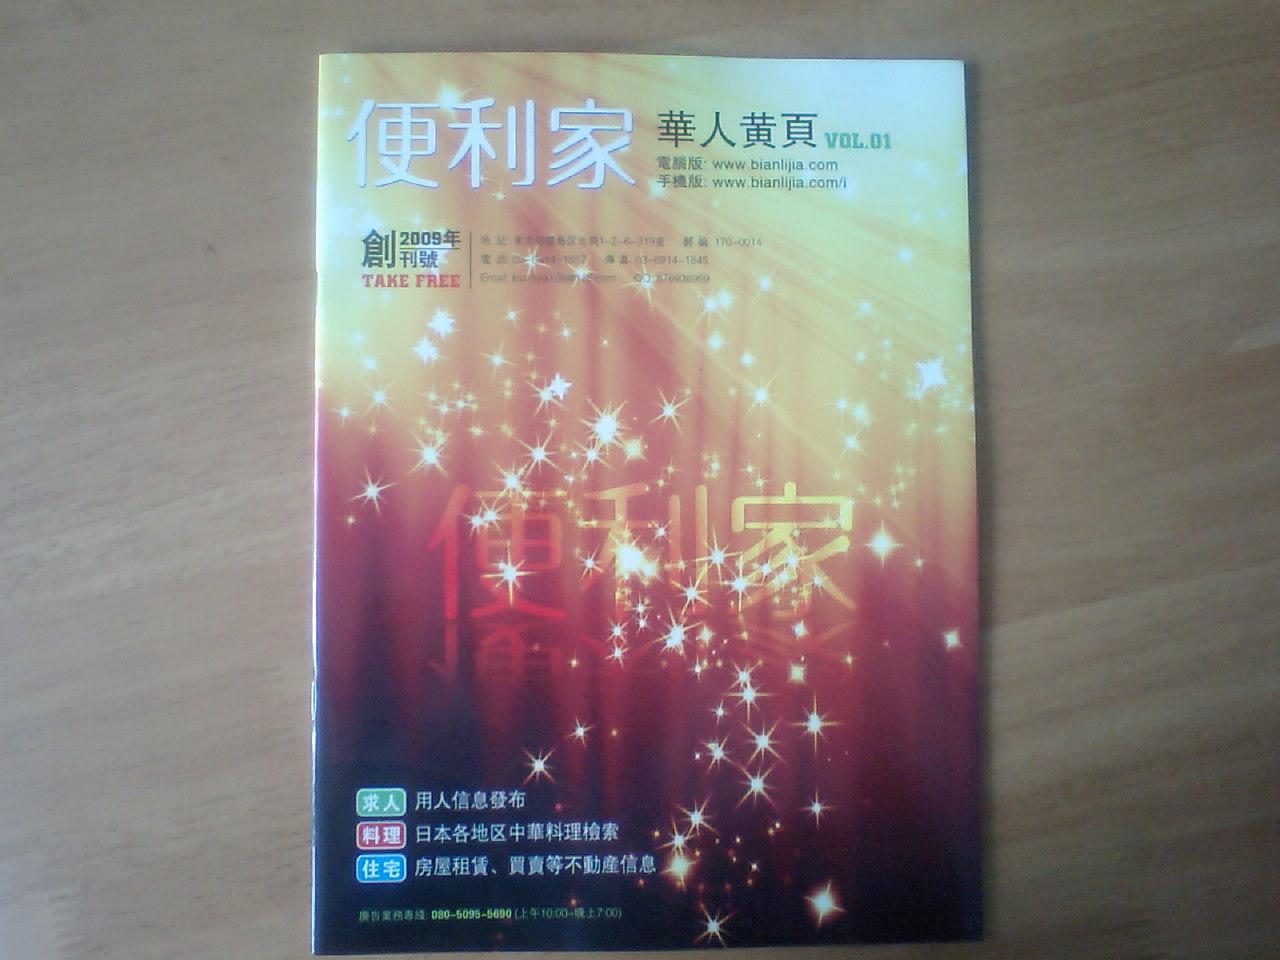 便利家--華人黄頁 池袋で創刊_d0027795_13293582.jpg